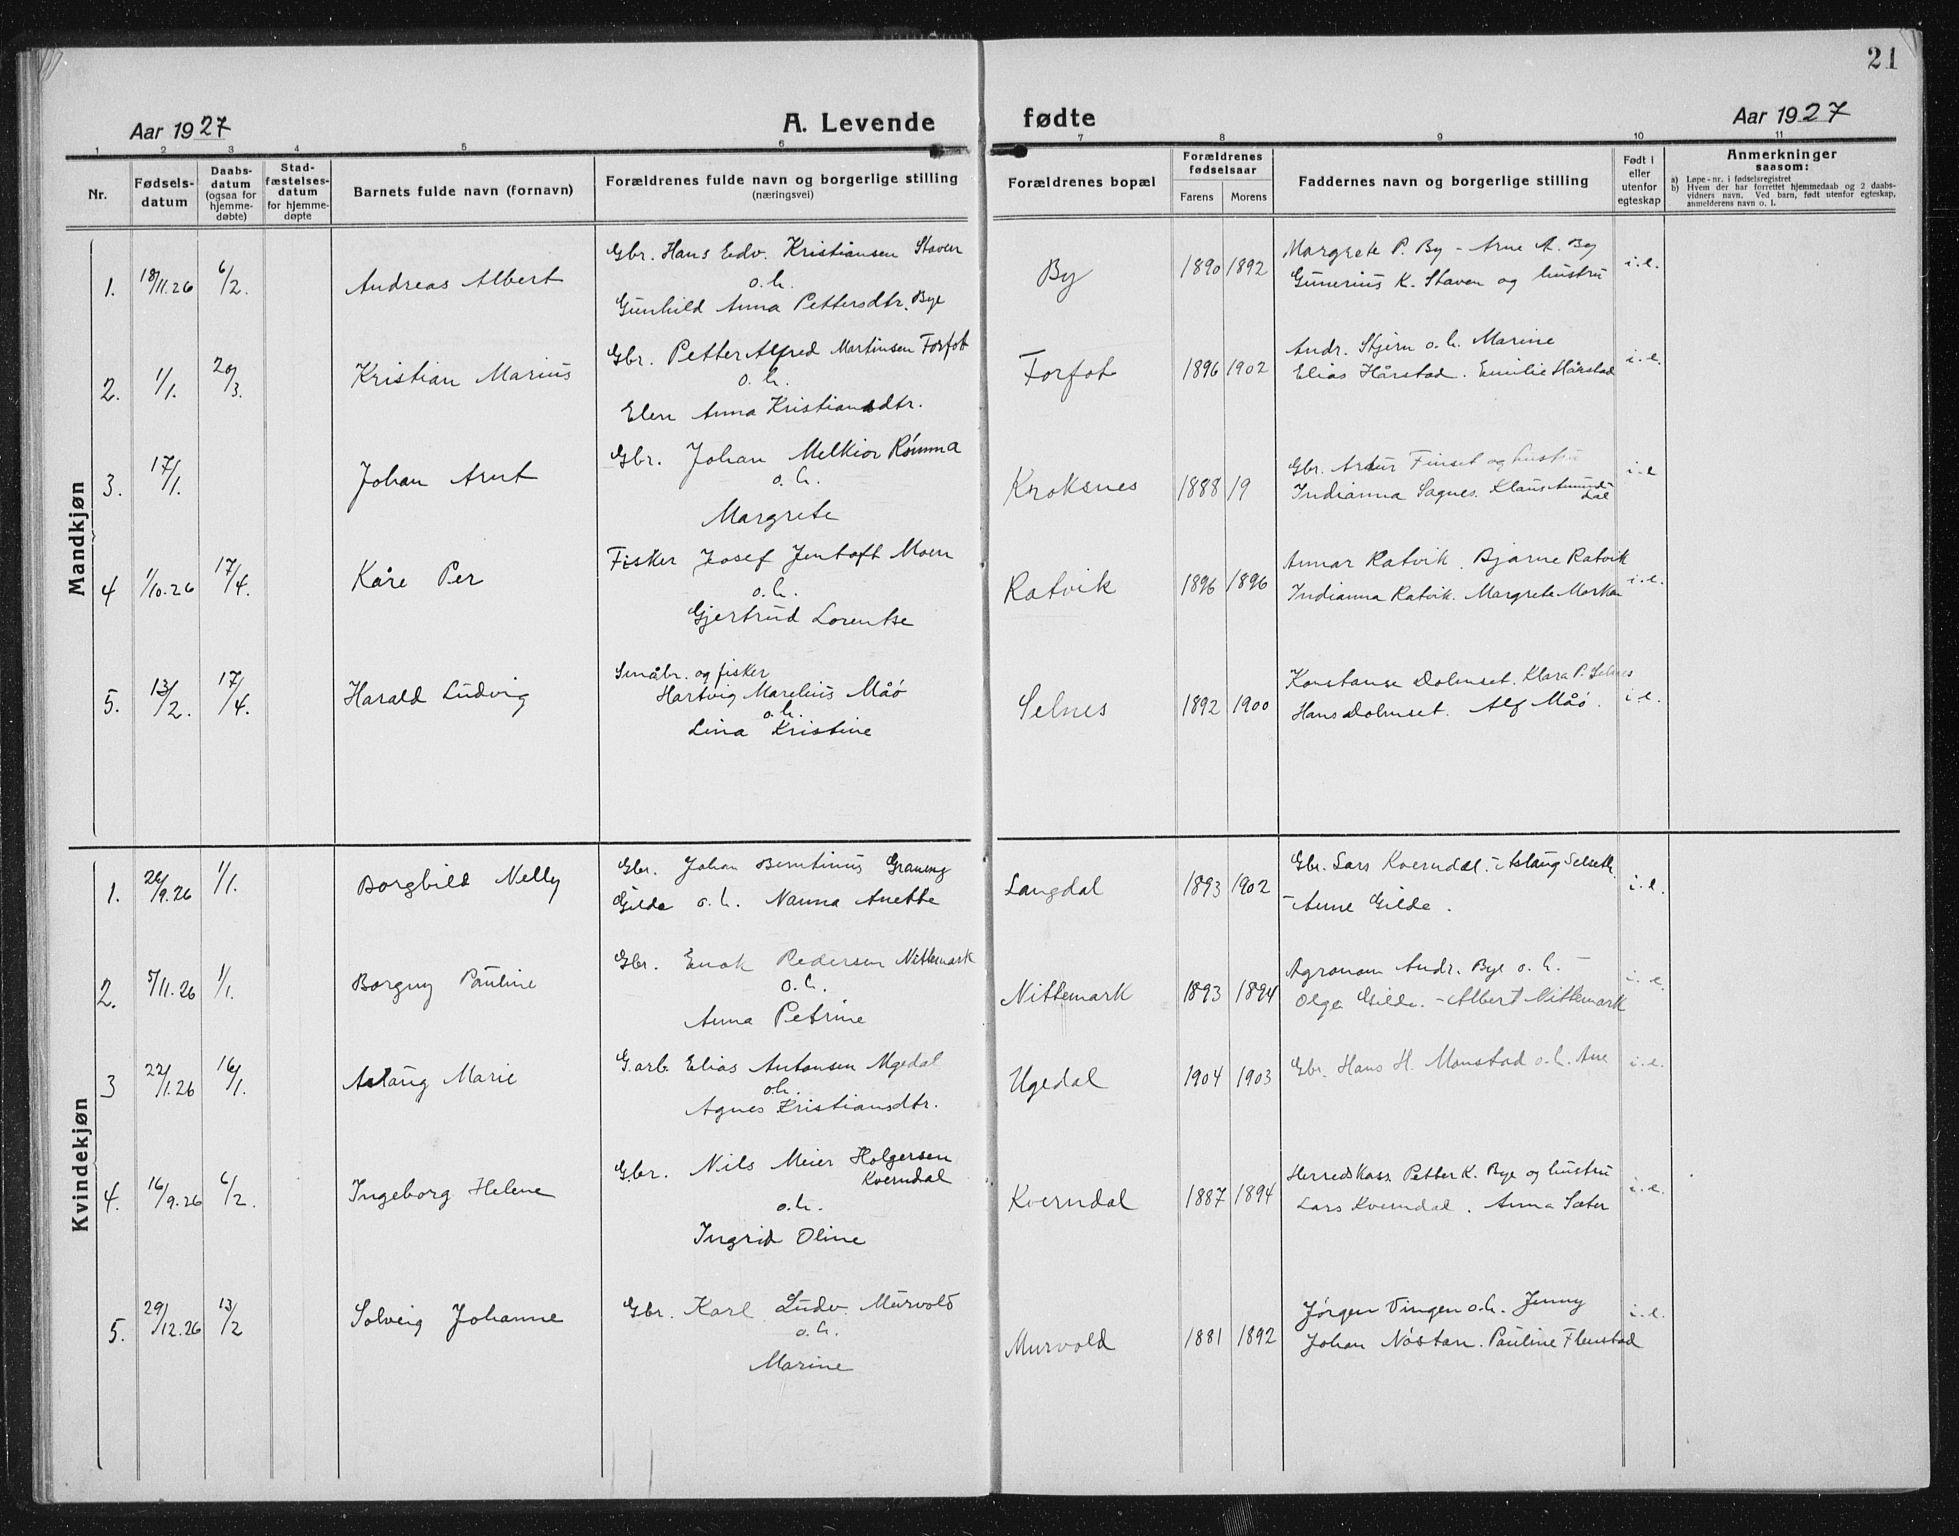 SAT, Ministerialprotokoller, klokkerbøker og fødselsregistre - Sør-Trøndelag, 655/L0689: Klokkerbok nr. 655C05, 1922-1936, s. 21